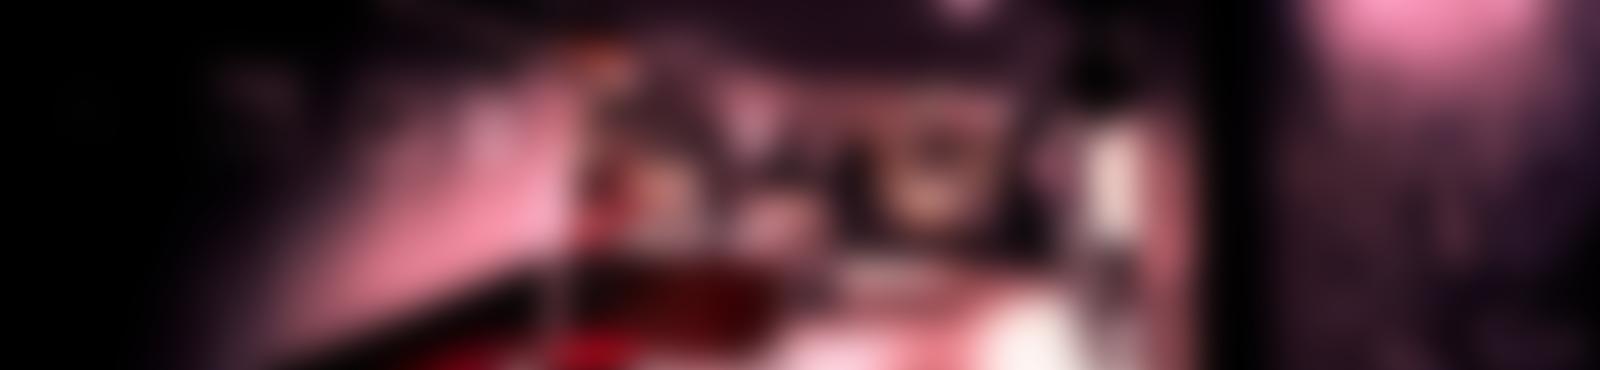 Blurred 14257747 1590309687931214 5363990473019565702 o